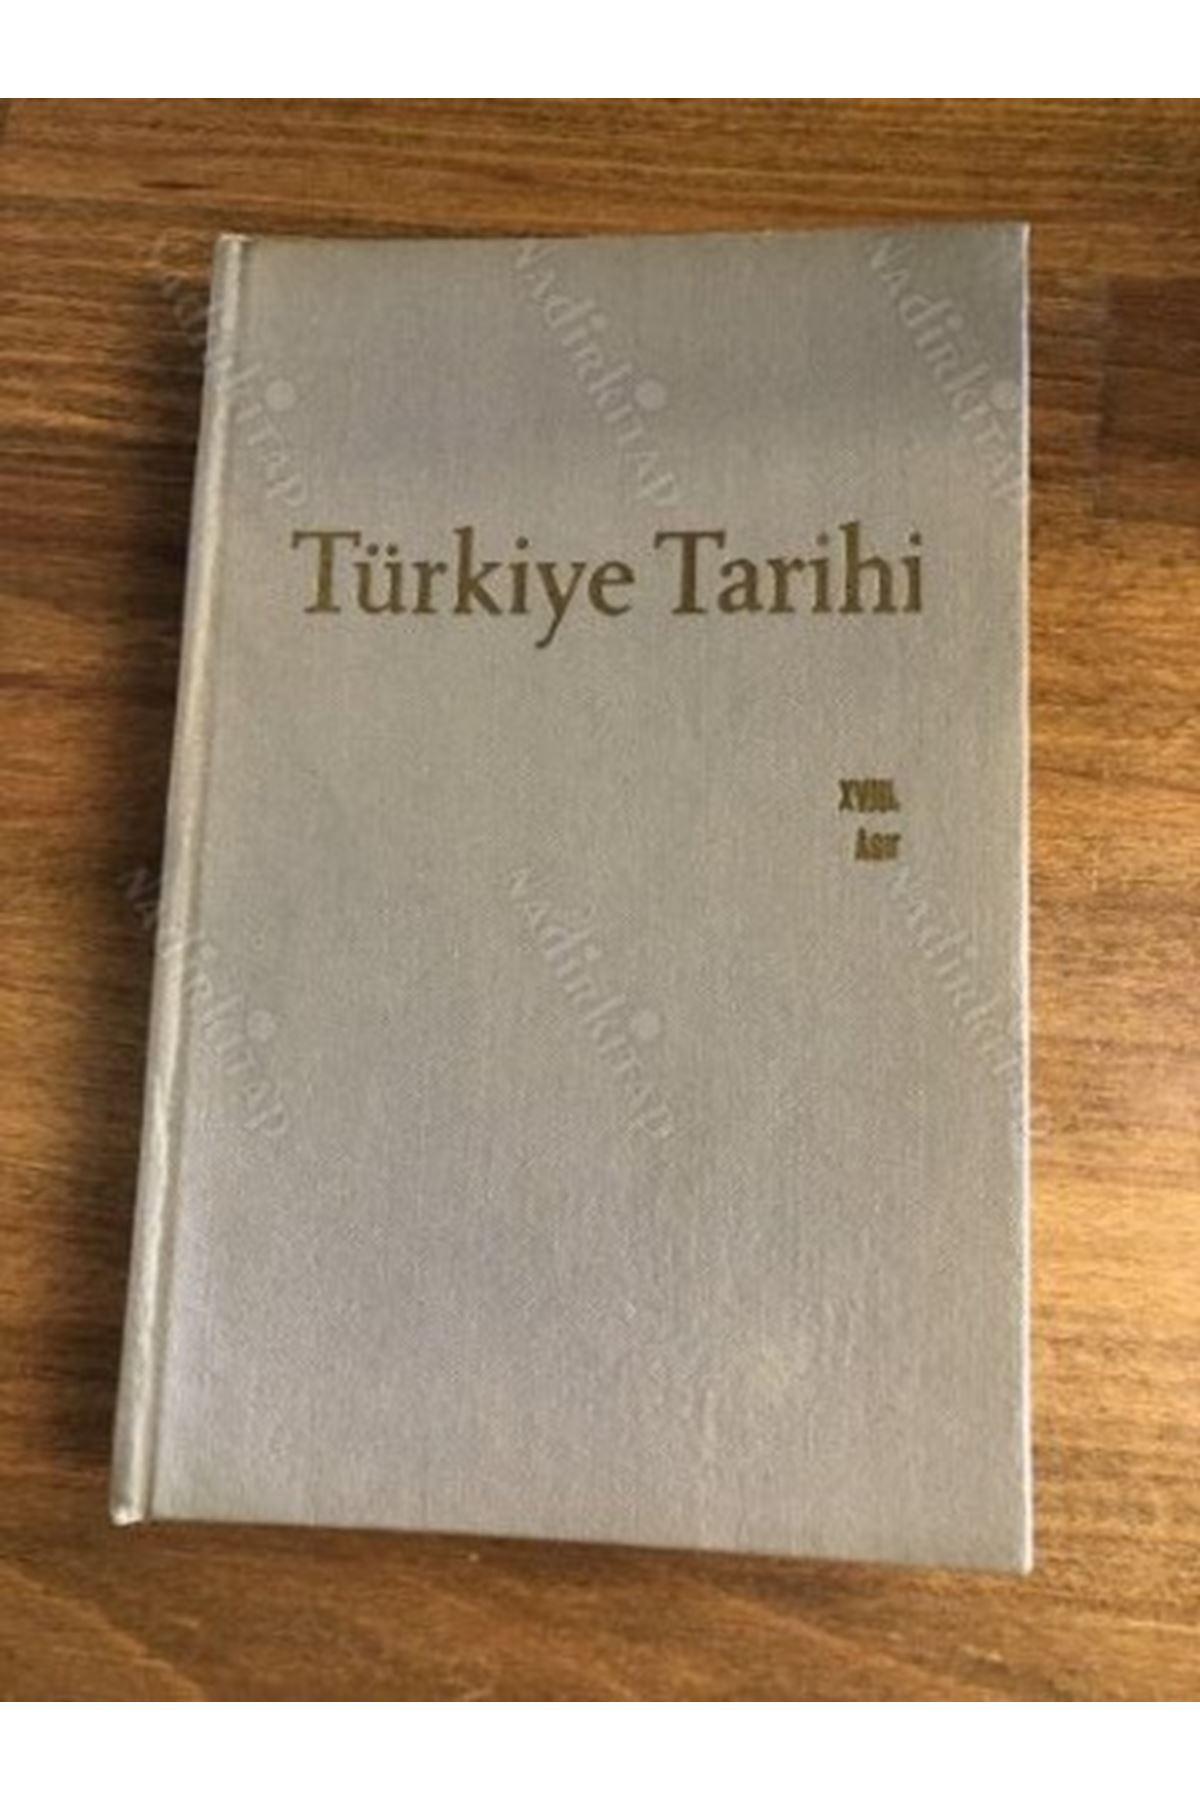 T.YILMAZ ÖZTUNA - BAŞLANGICINDAN ZAMANIMIZA KADAR TÜRKİYE TARİHİ 11.CİLT